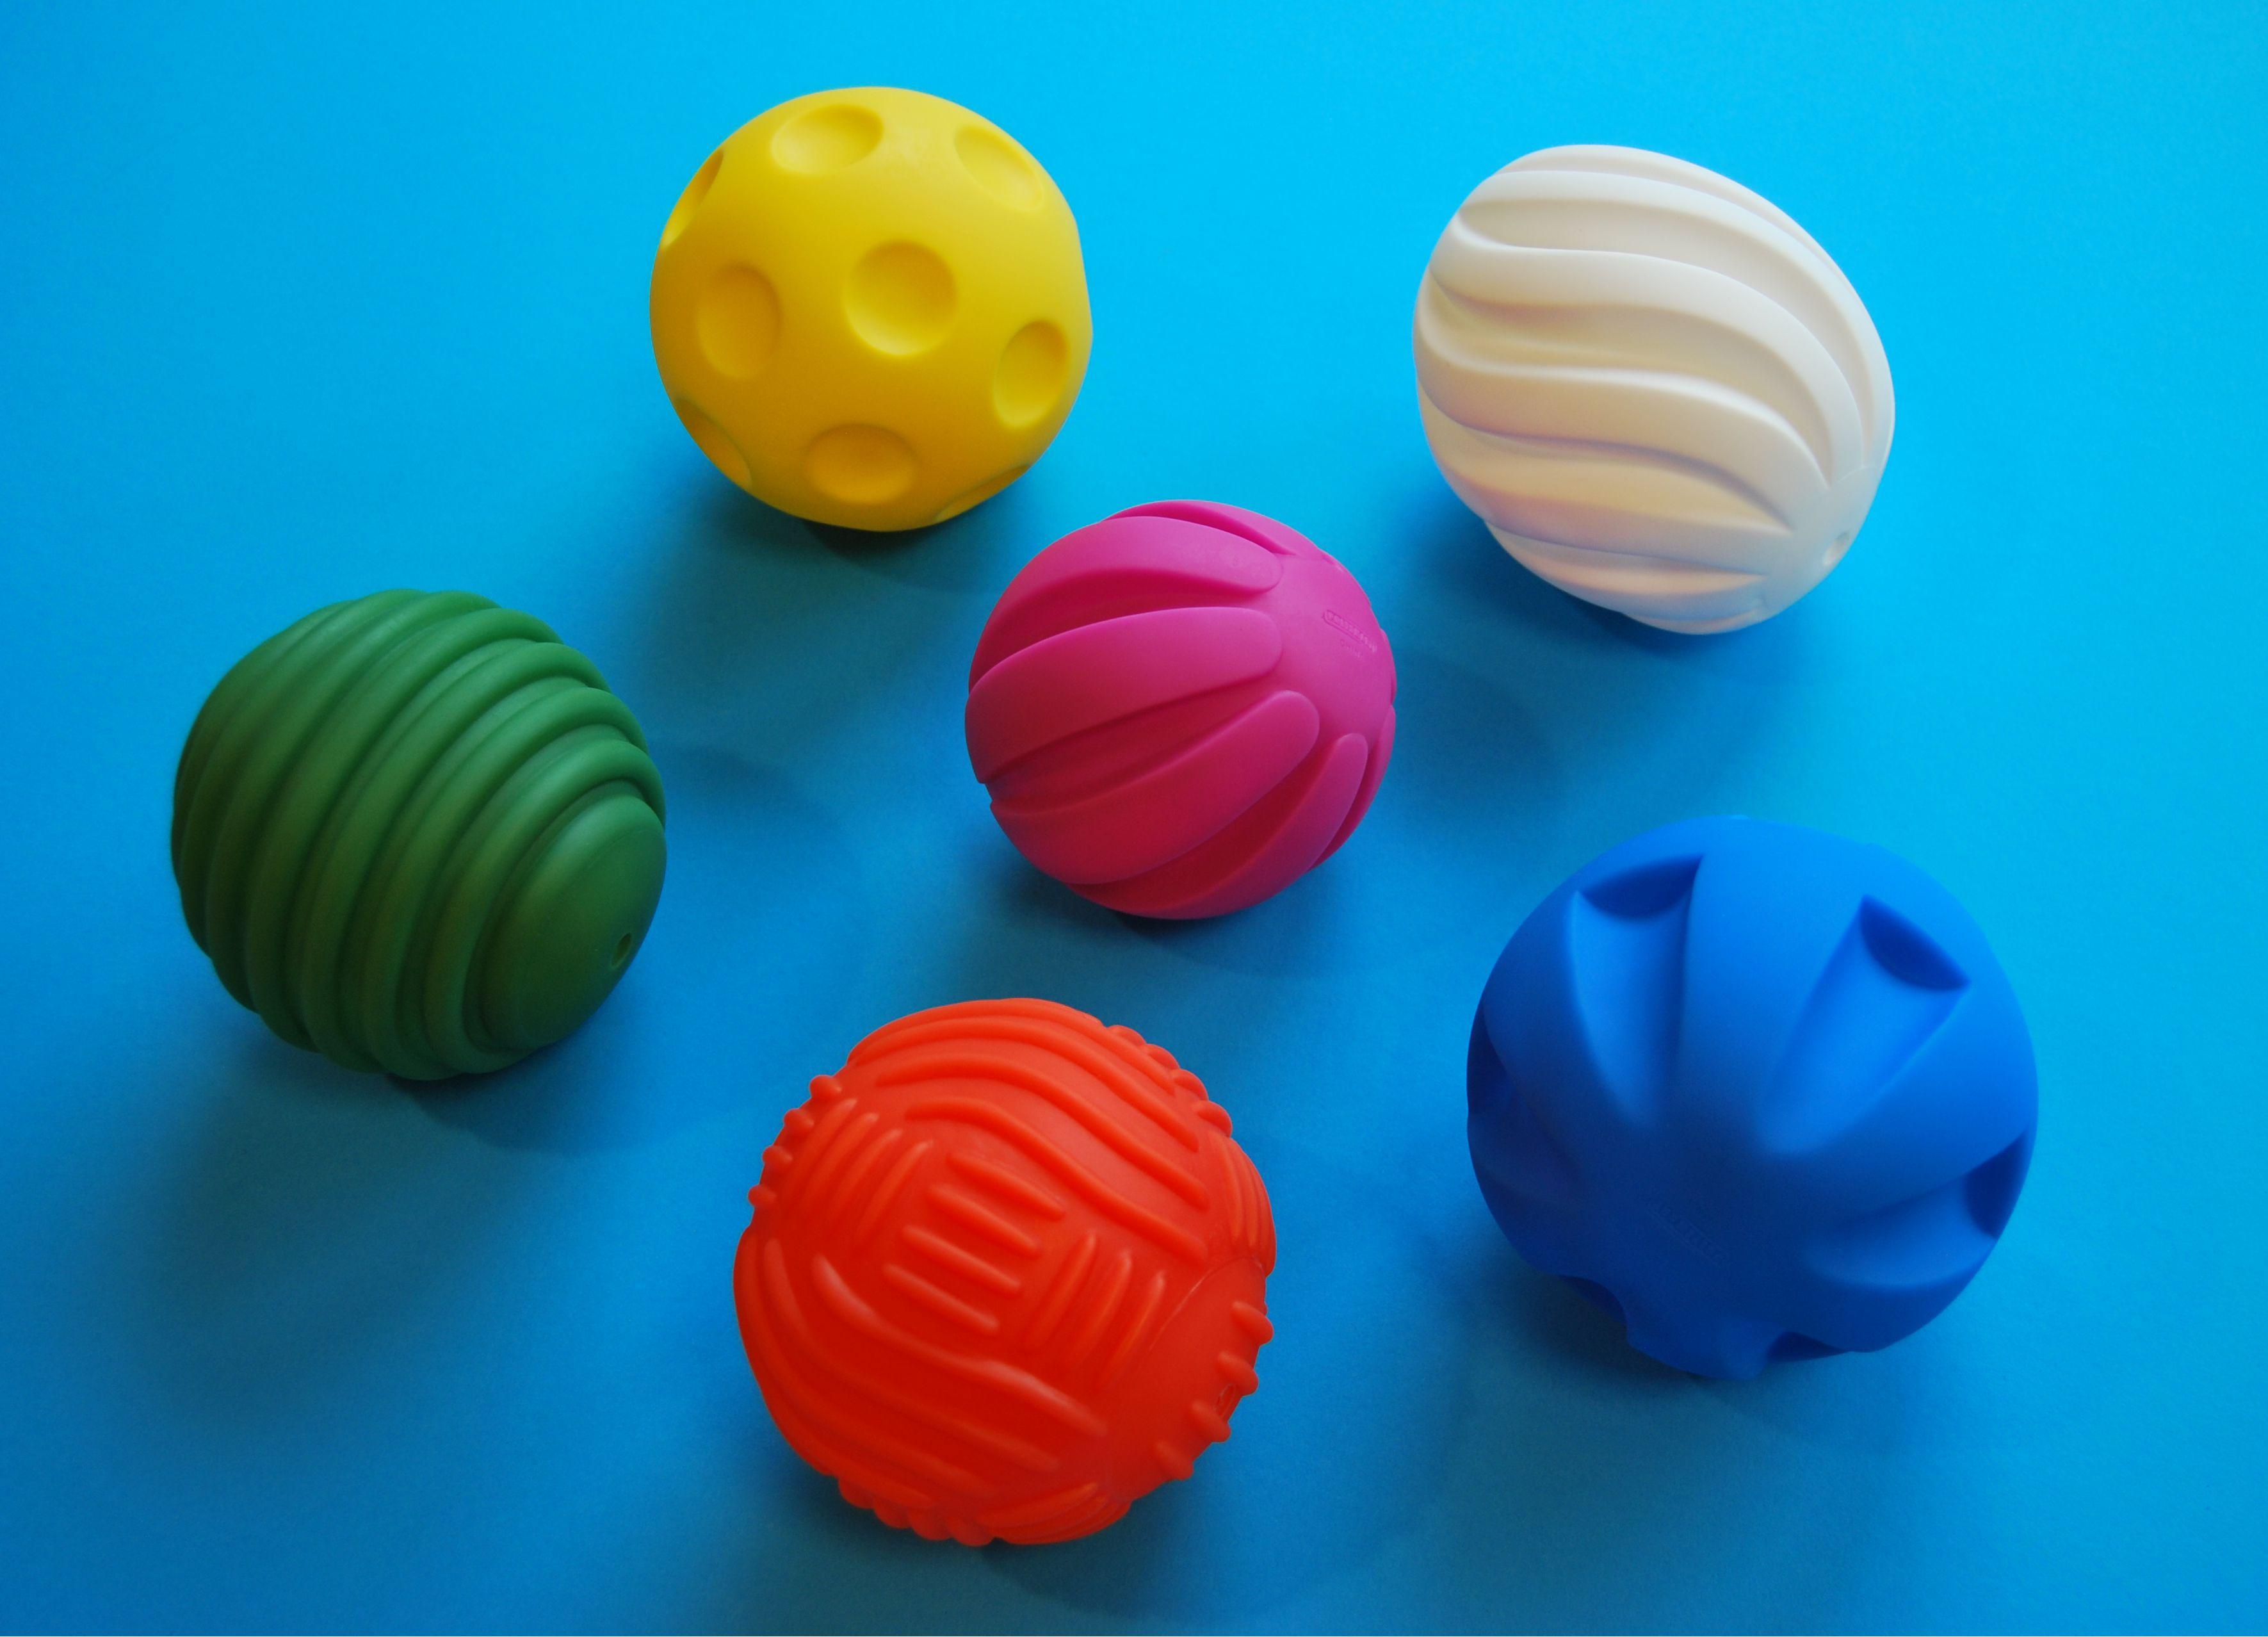 Image de présentation du jeu Balles tactiles  - cliquez pour agrandir